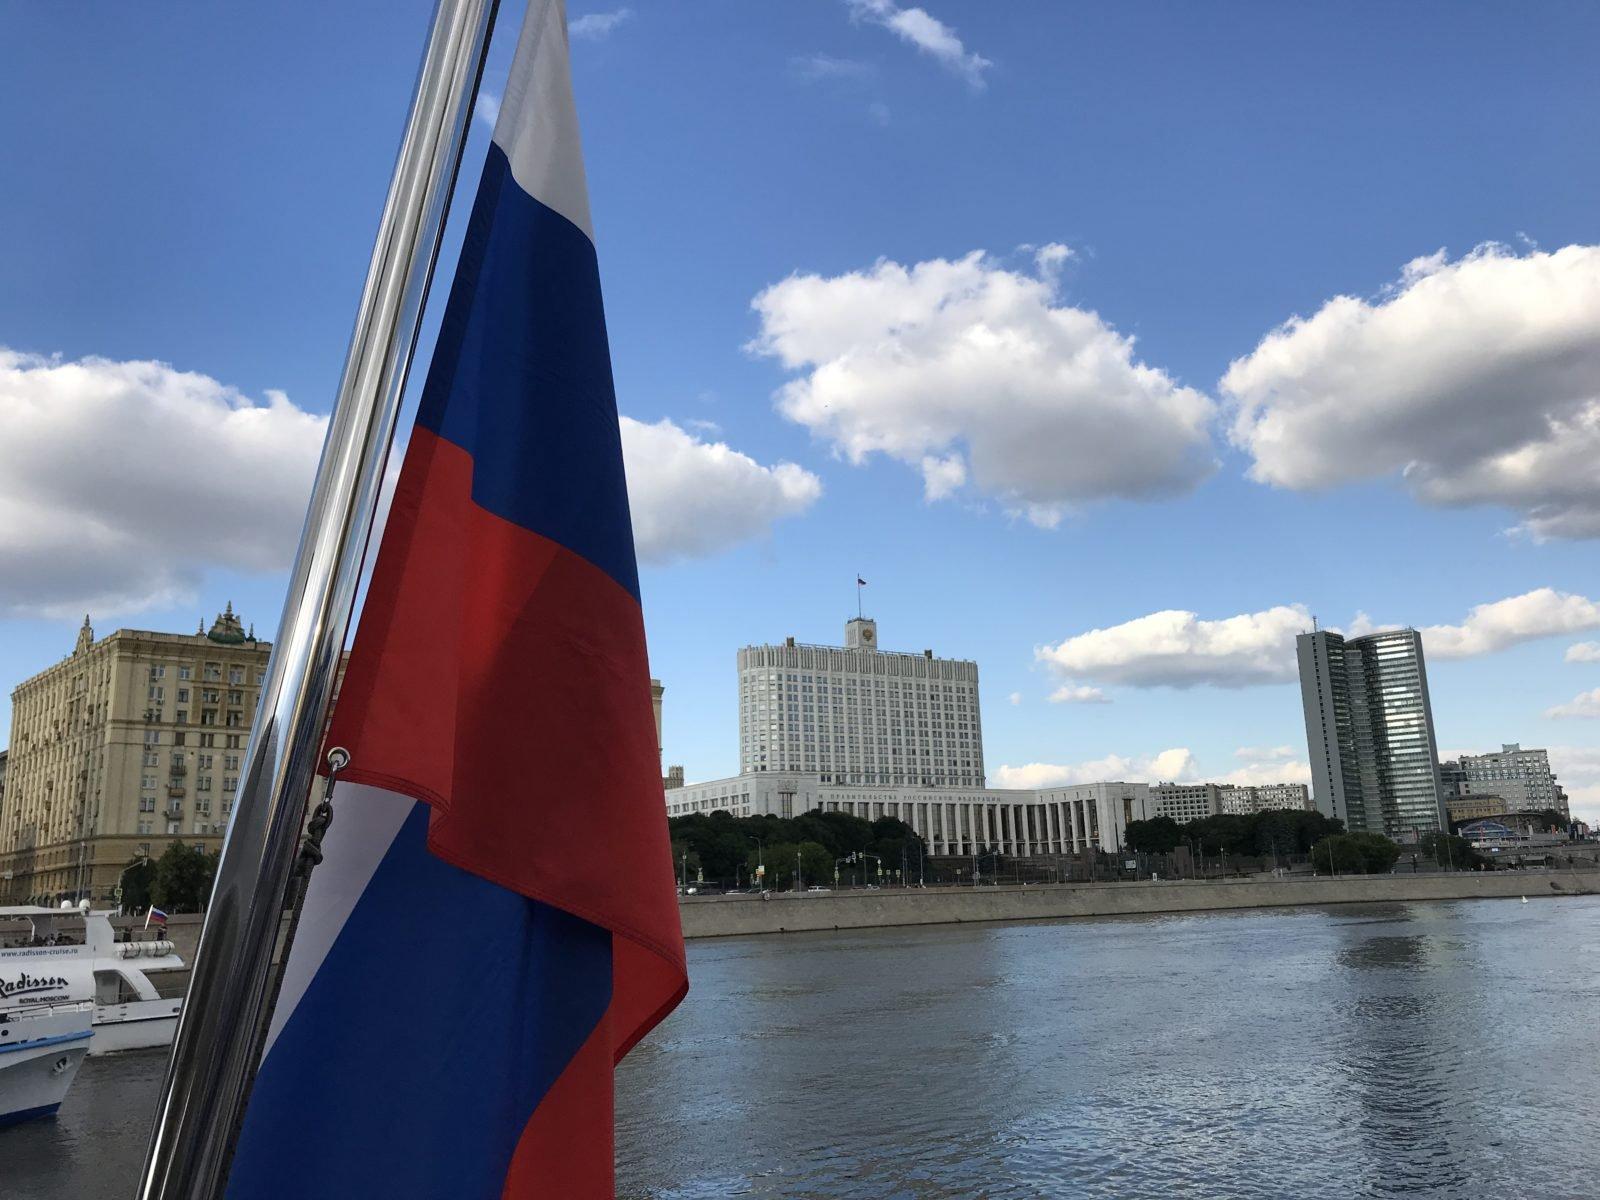 Zu sehen ist das Weiße Haus in Moskau, links im Bildvordergrund sieht man die russische Flagge